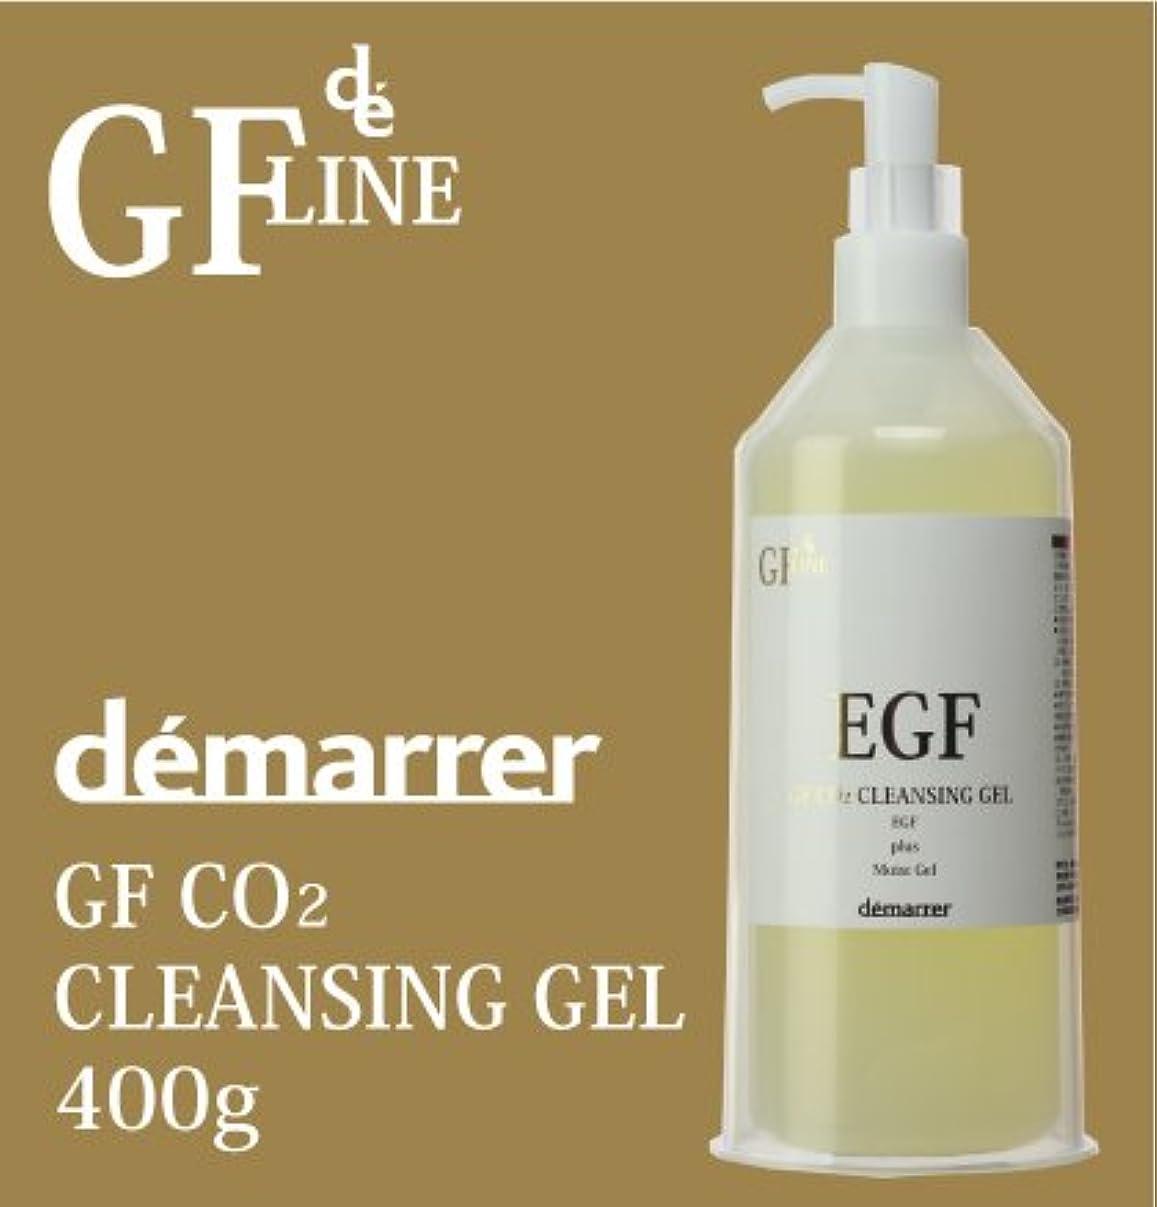 見る人一貫した半円デマレ GF 炭酸 クレンジング  400g